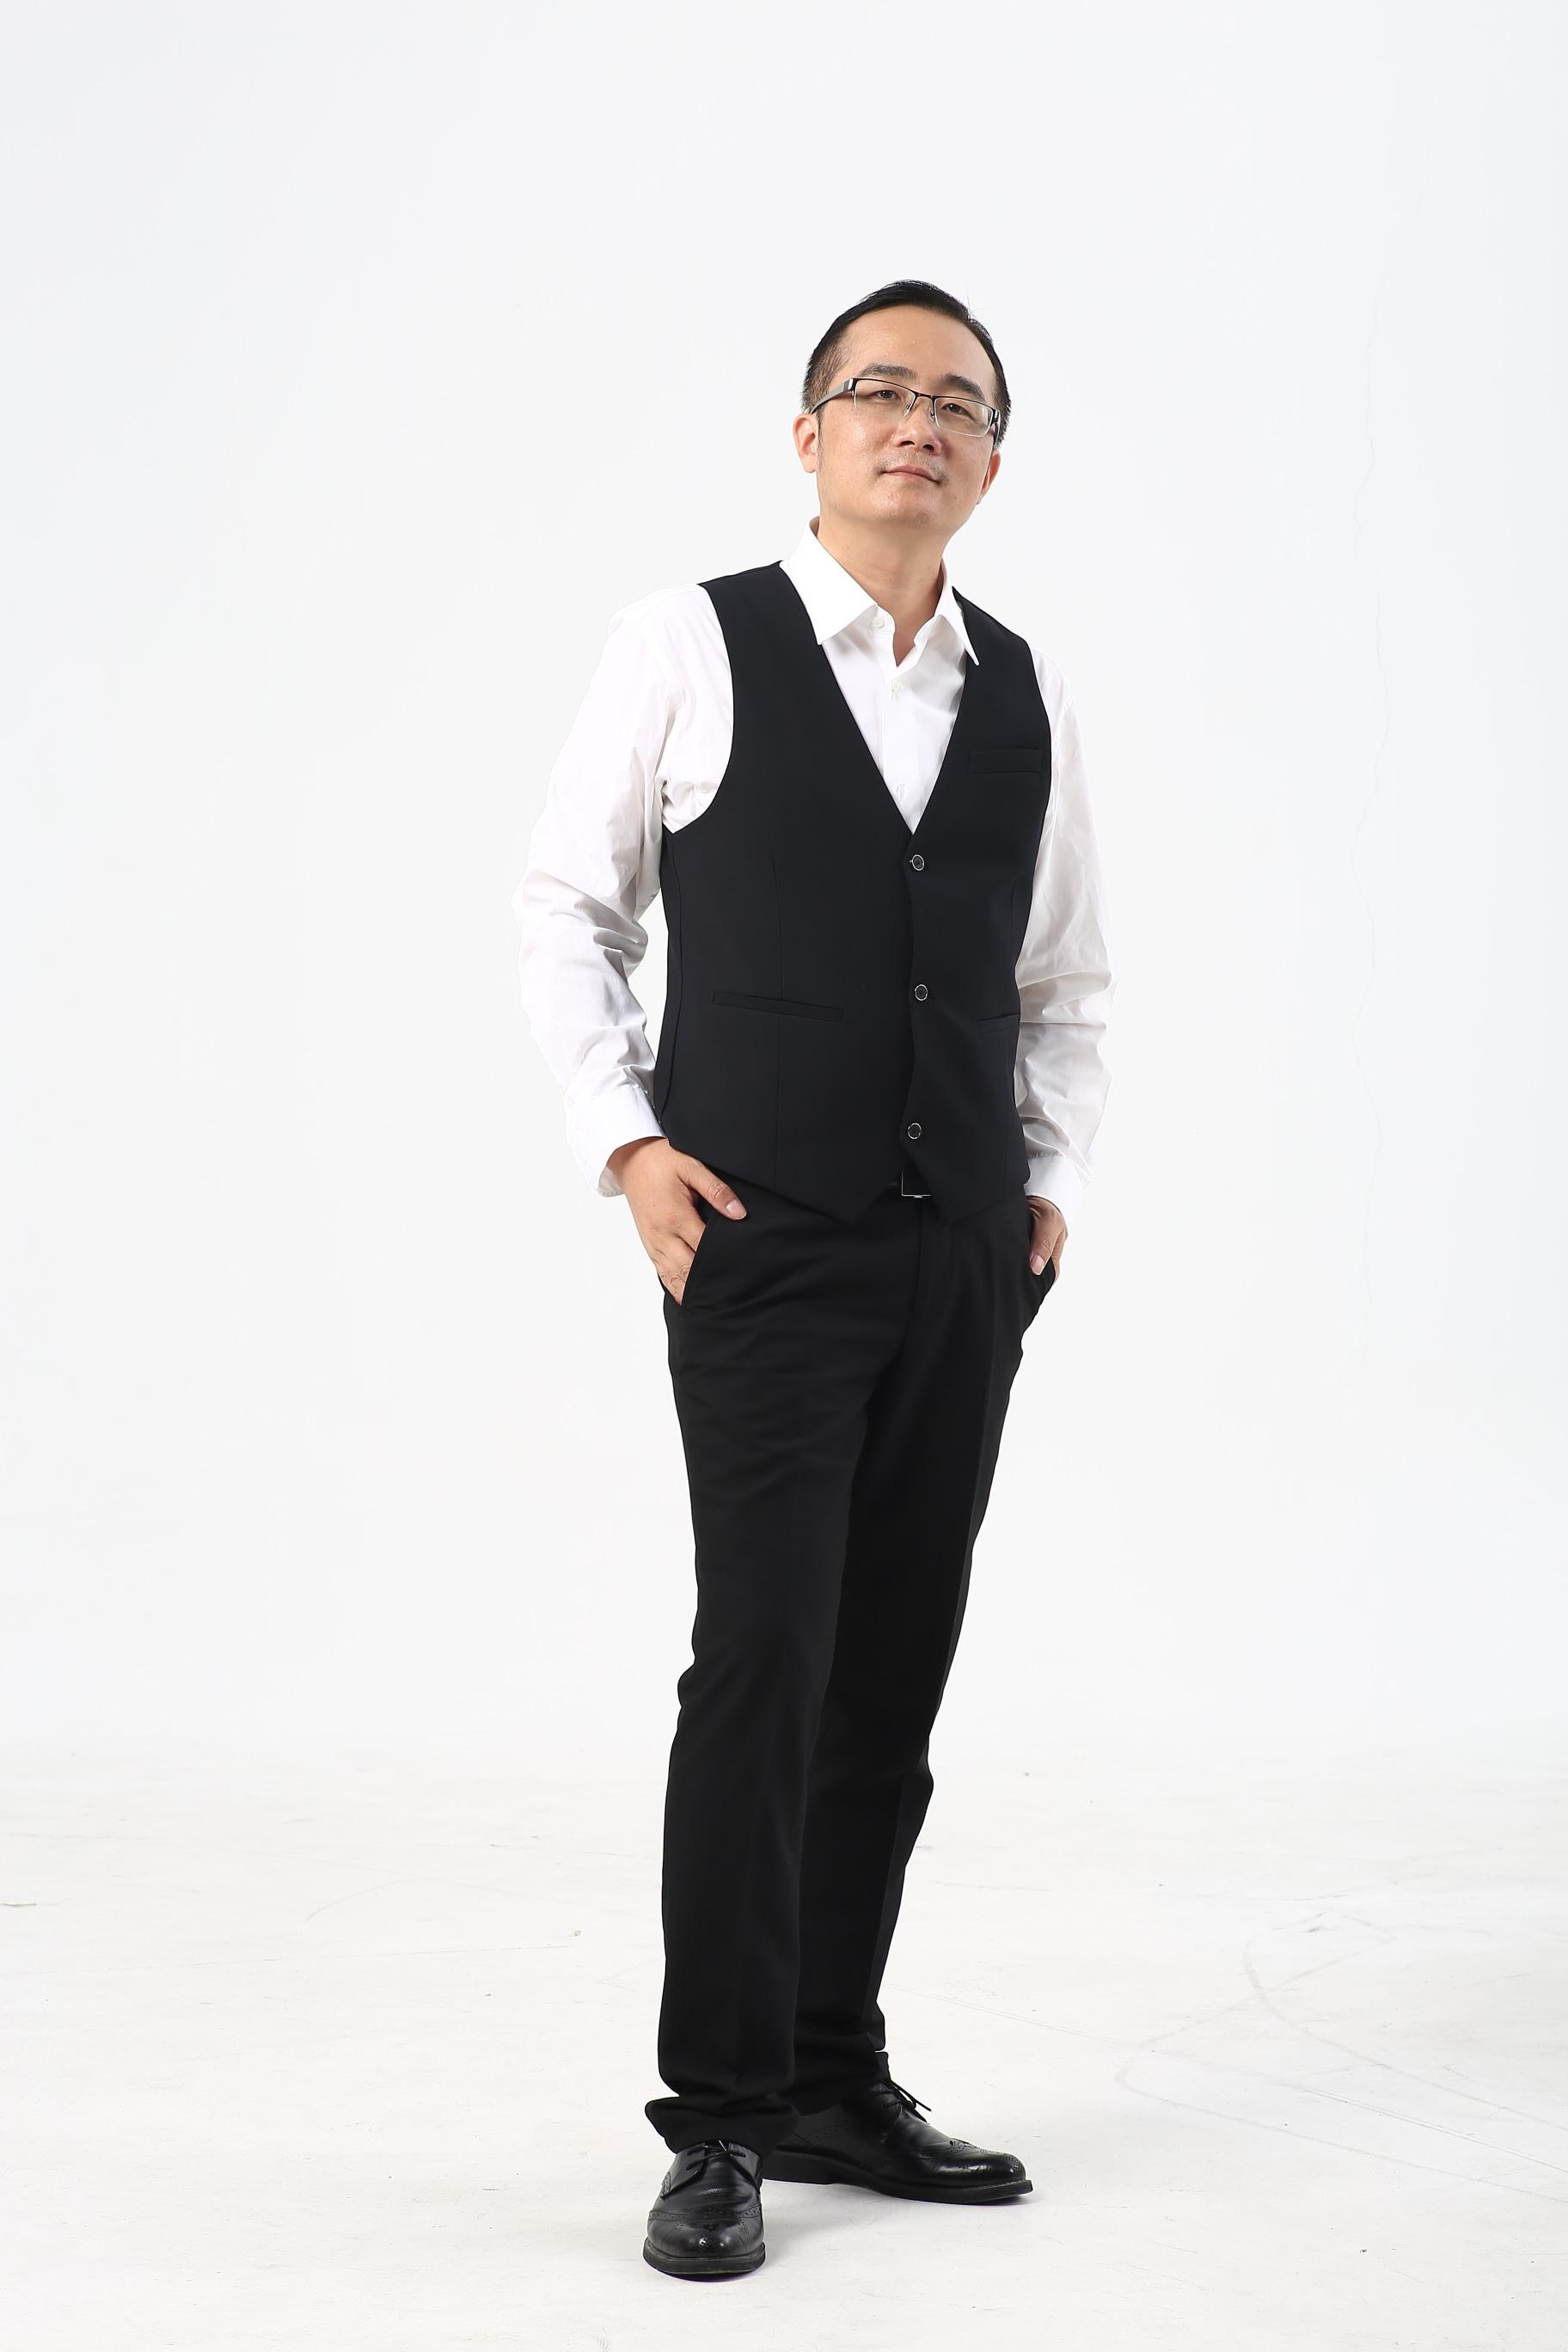 李宁姚的照片2020